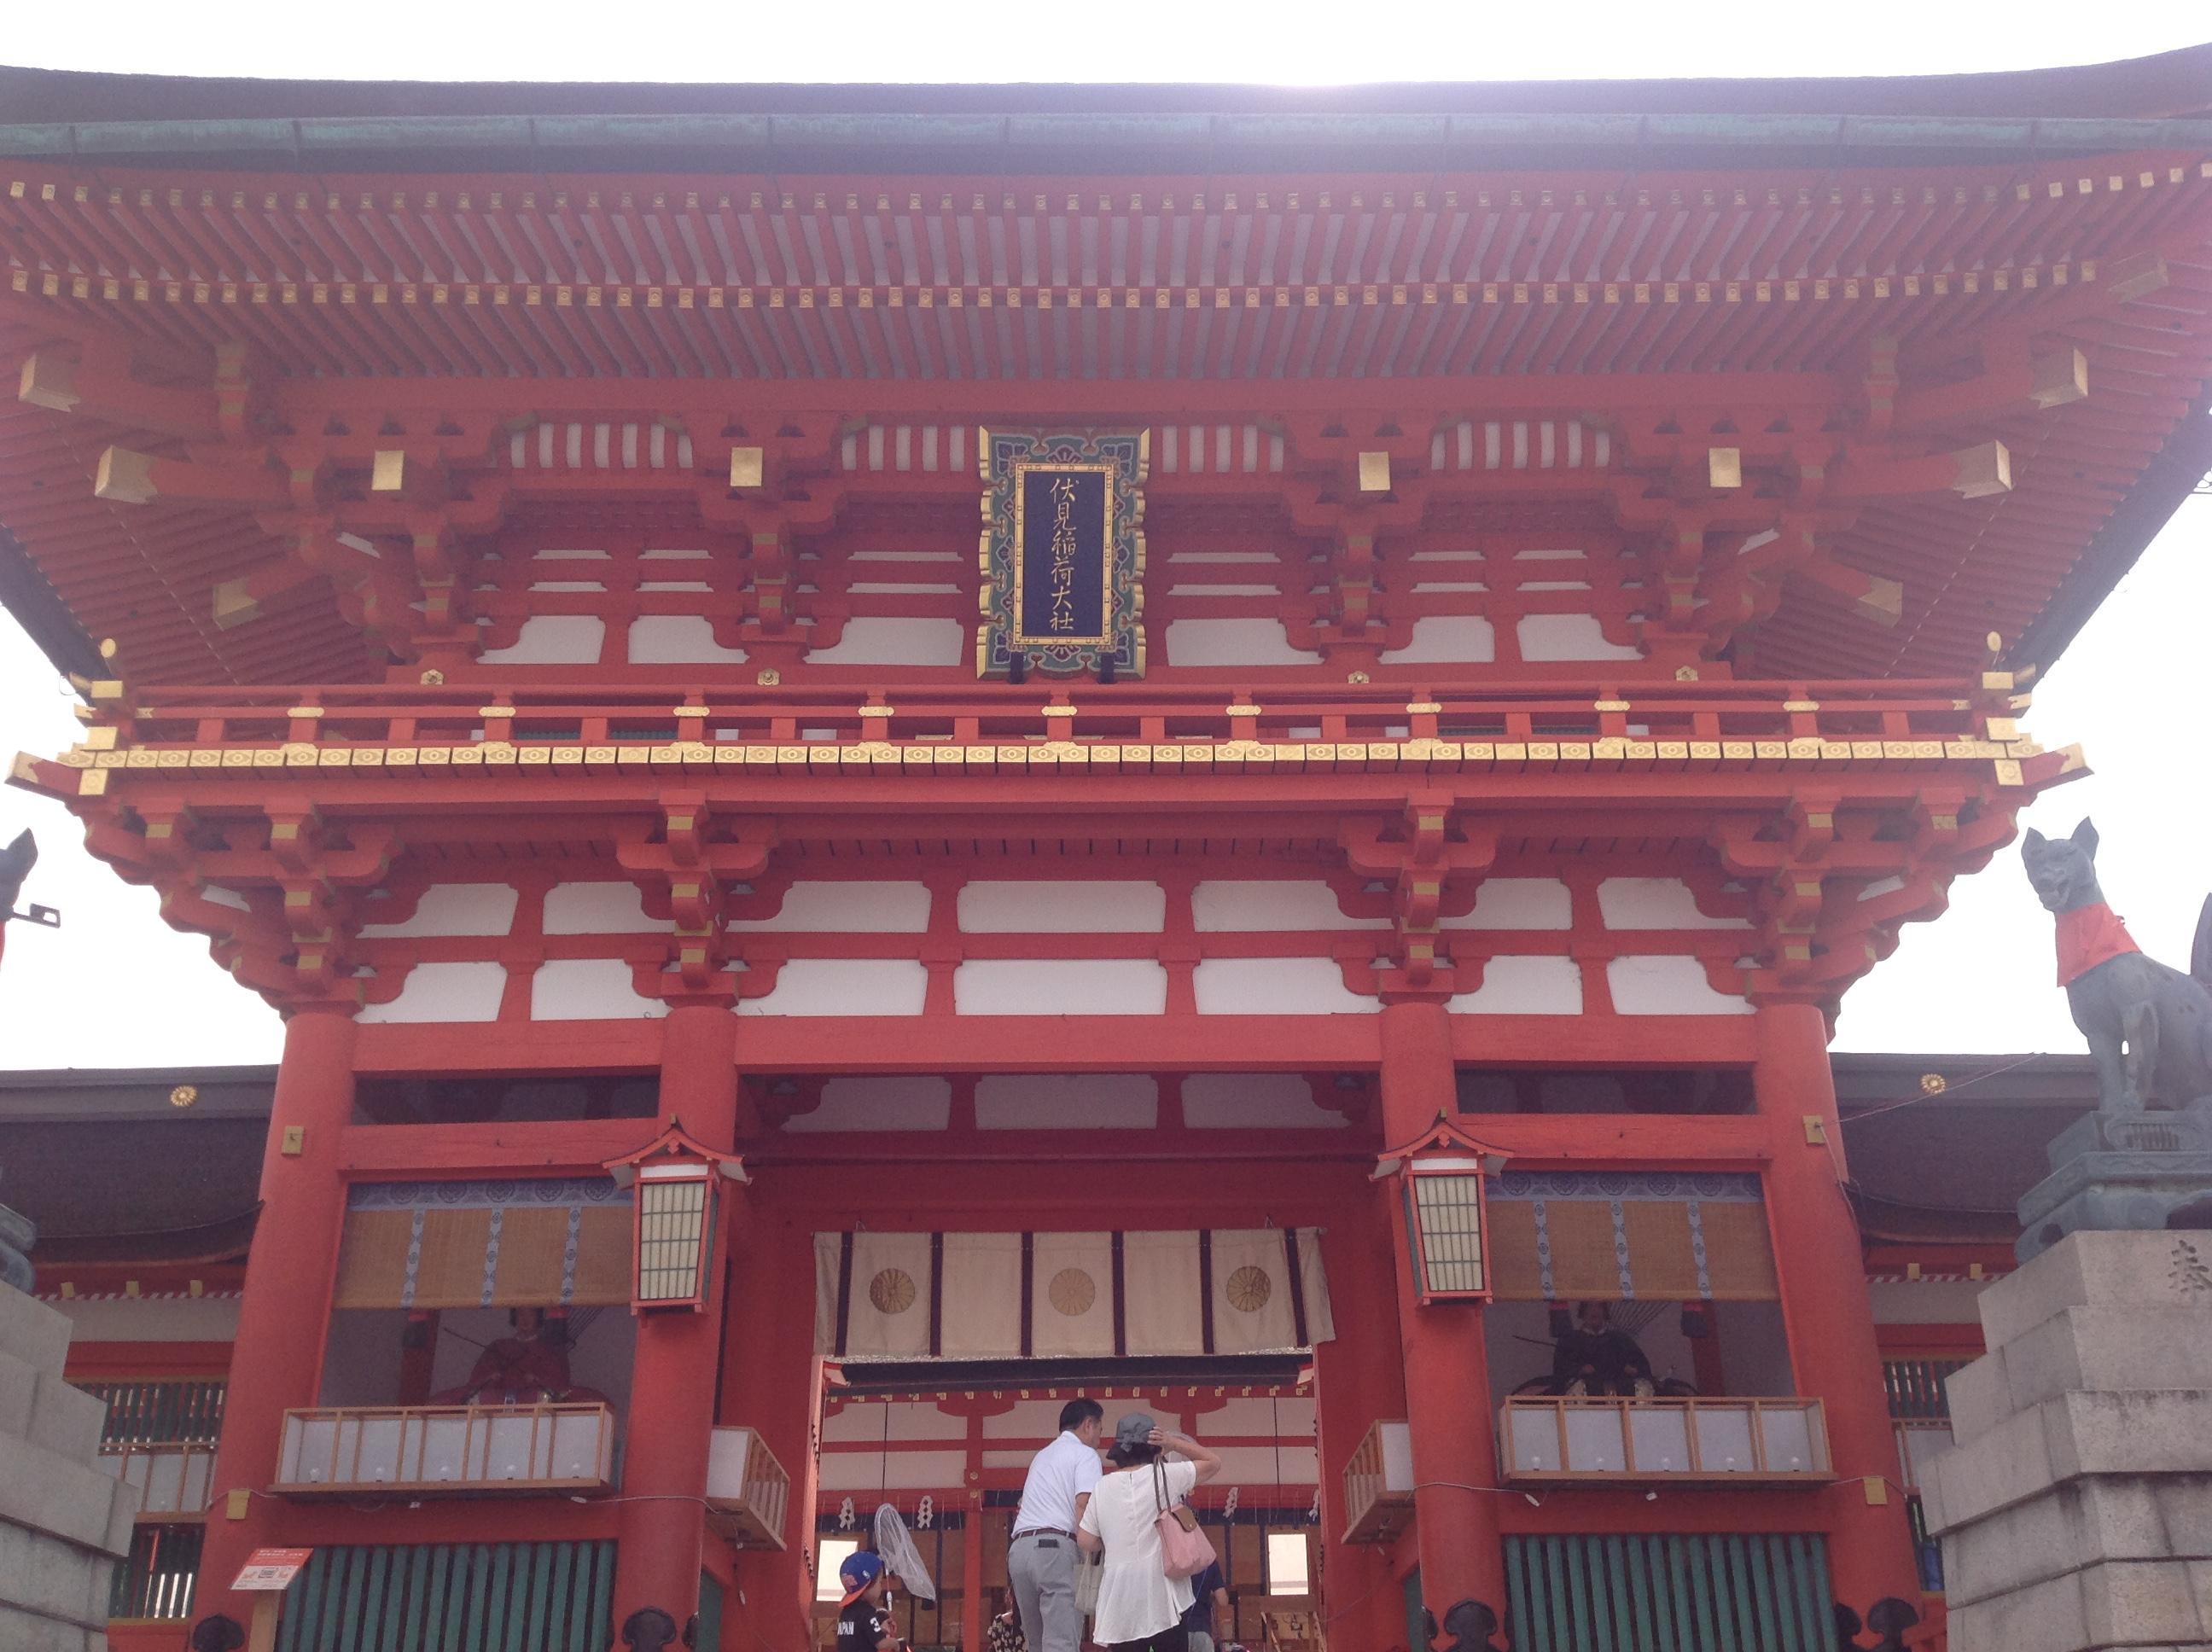 京都出張 その4 伏見稲荷